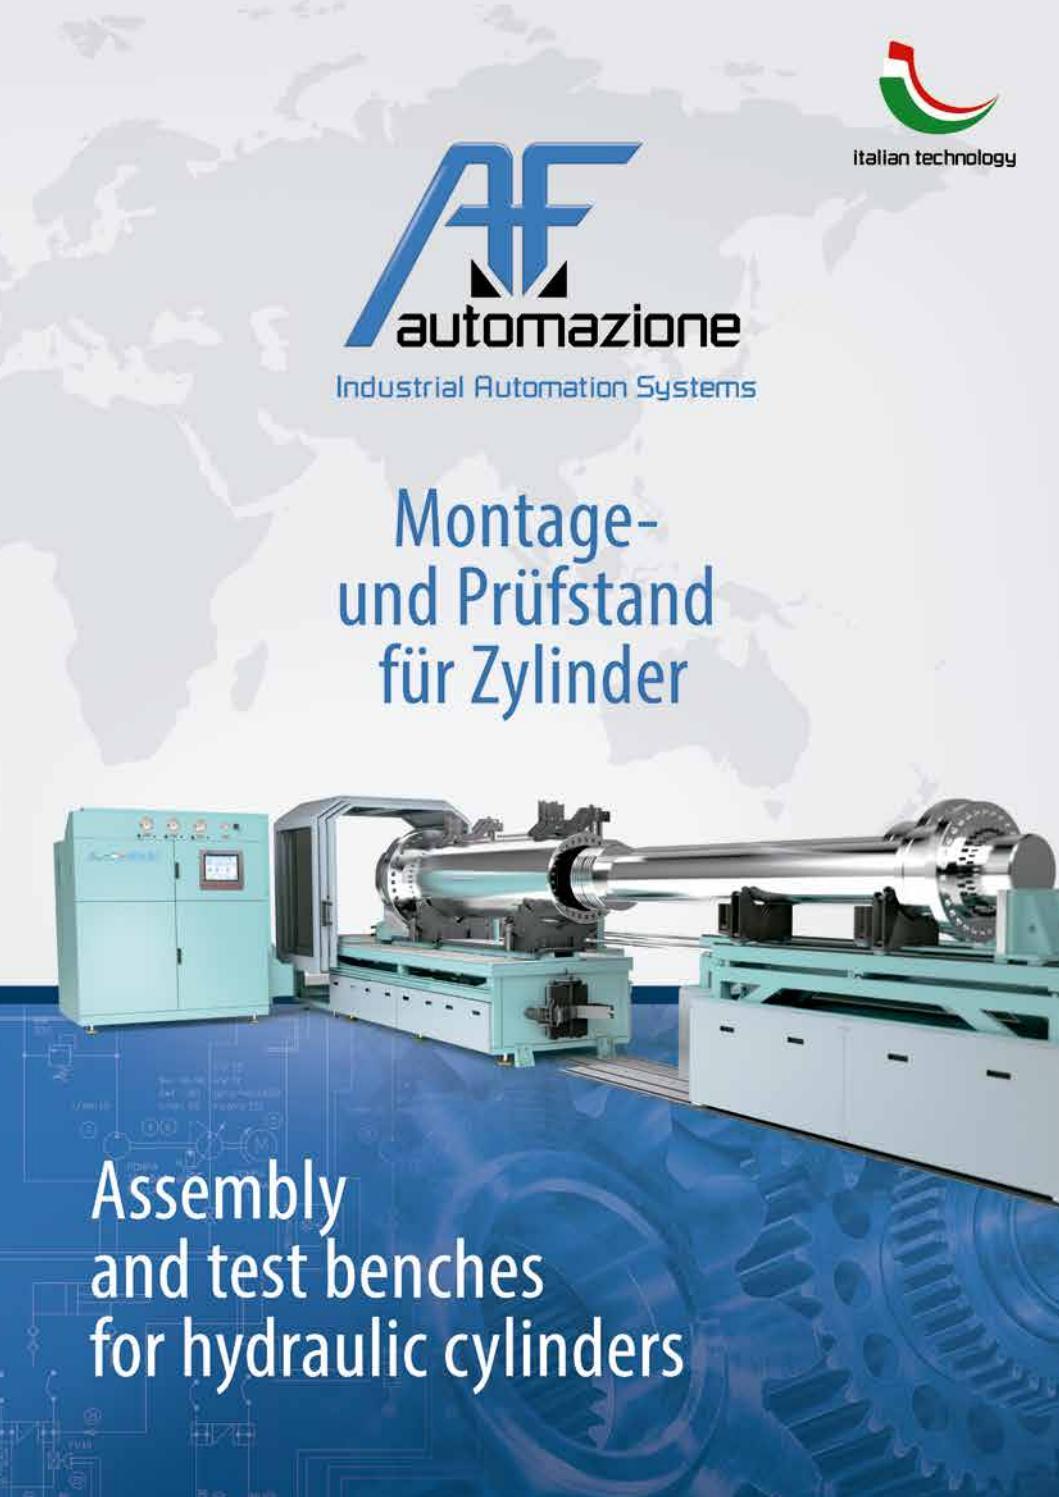 Montage-und Prüfstand für Zylinder by A.F. Automazione - Issuu